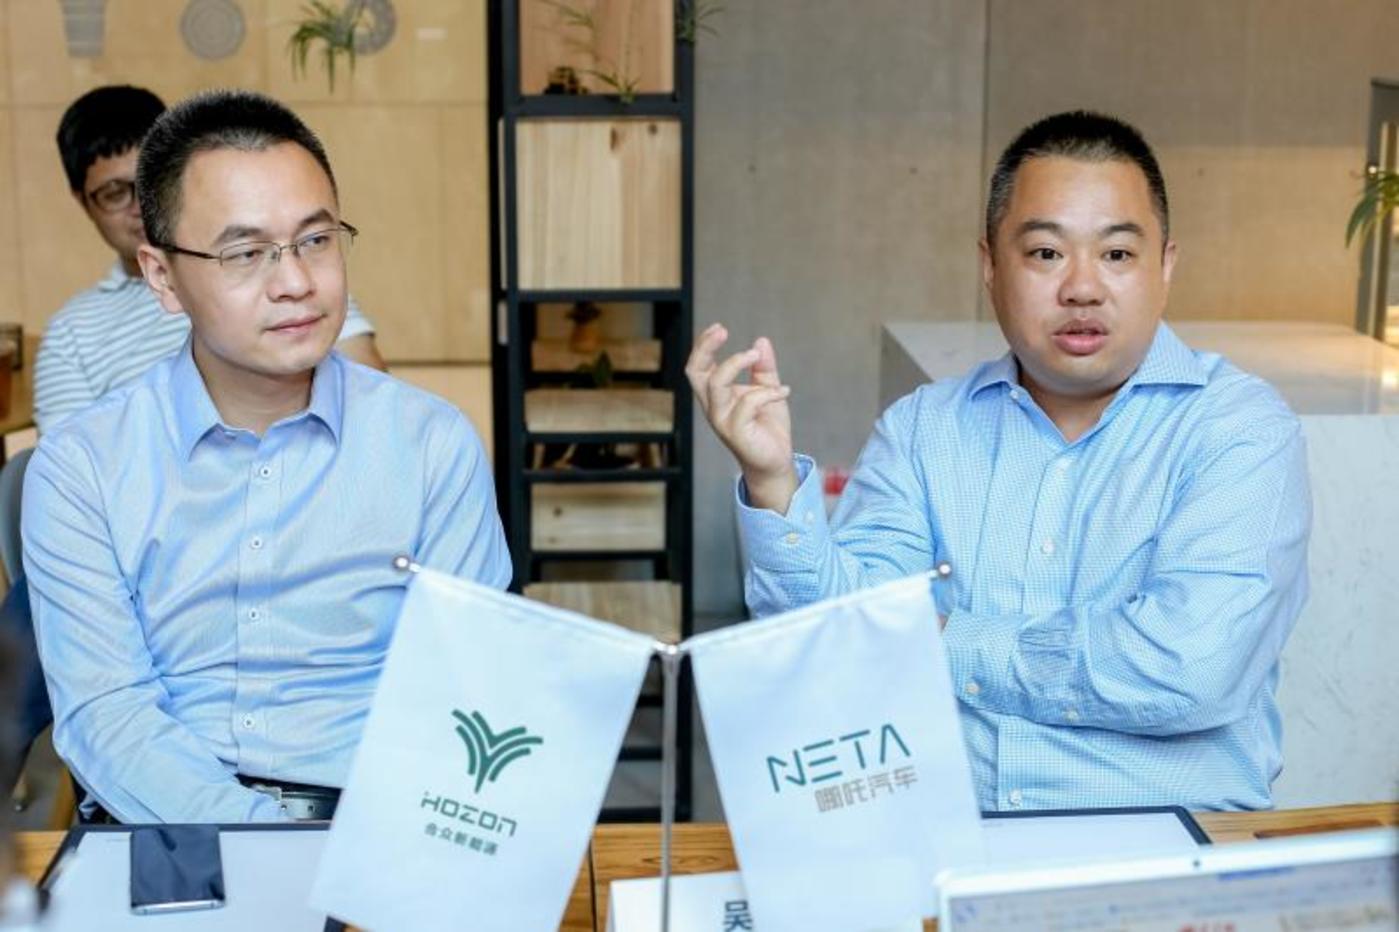 合众新能源智能座舱研究院执行院长张祺(左)和智能驾驶研究院执行院长吴俊杰